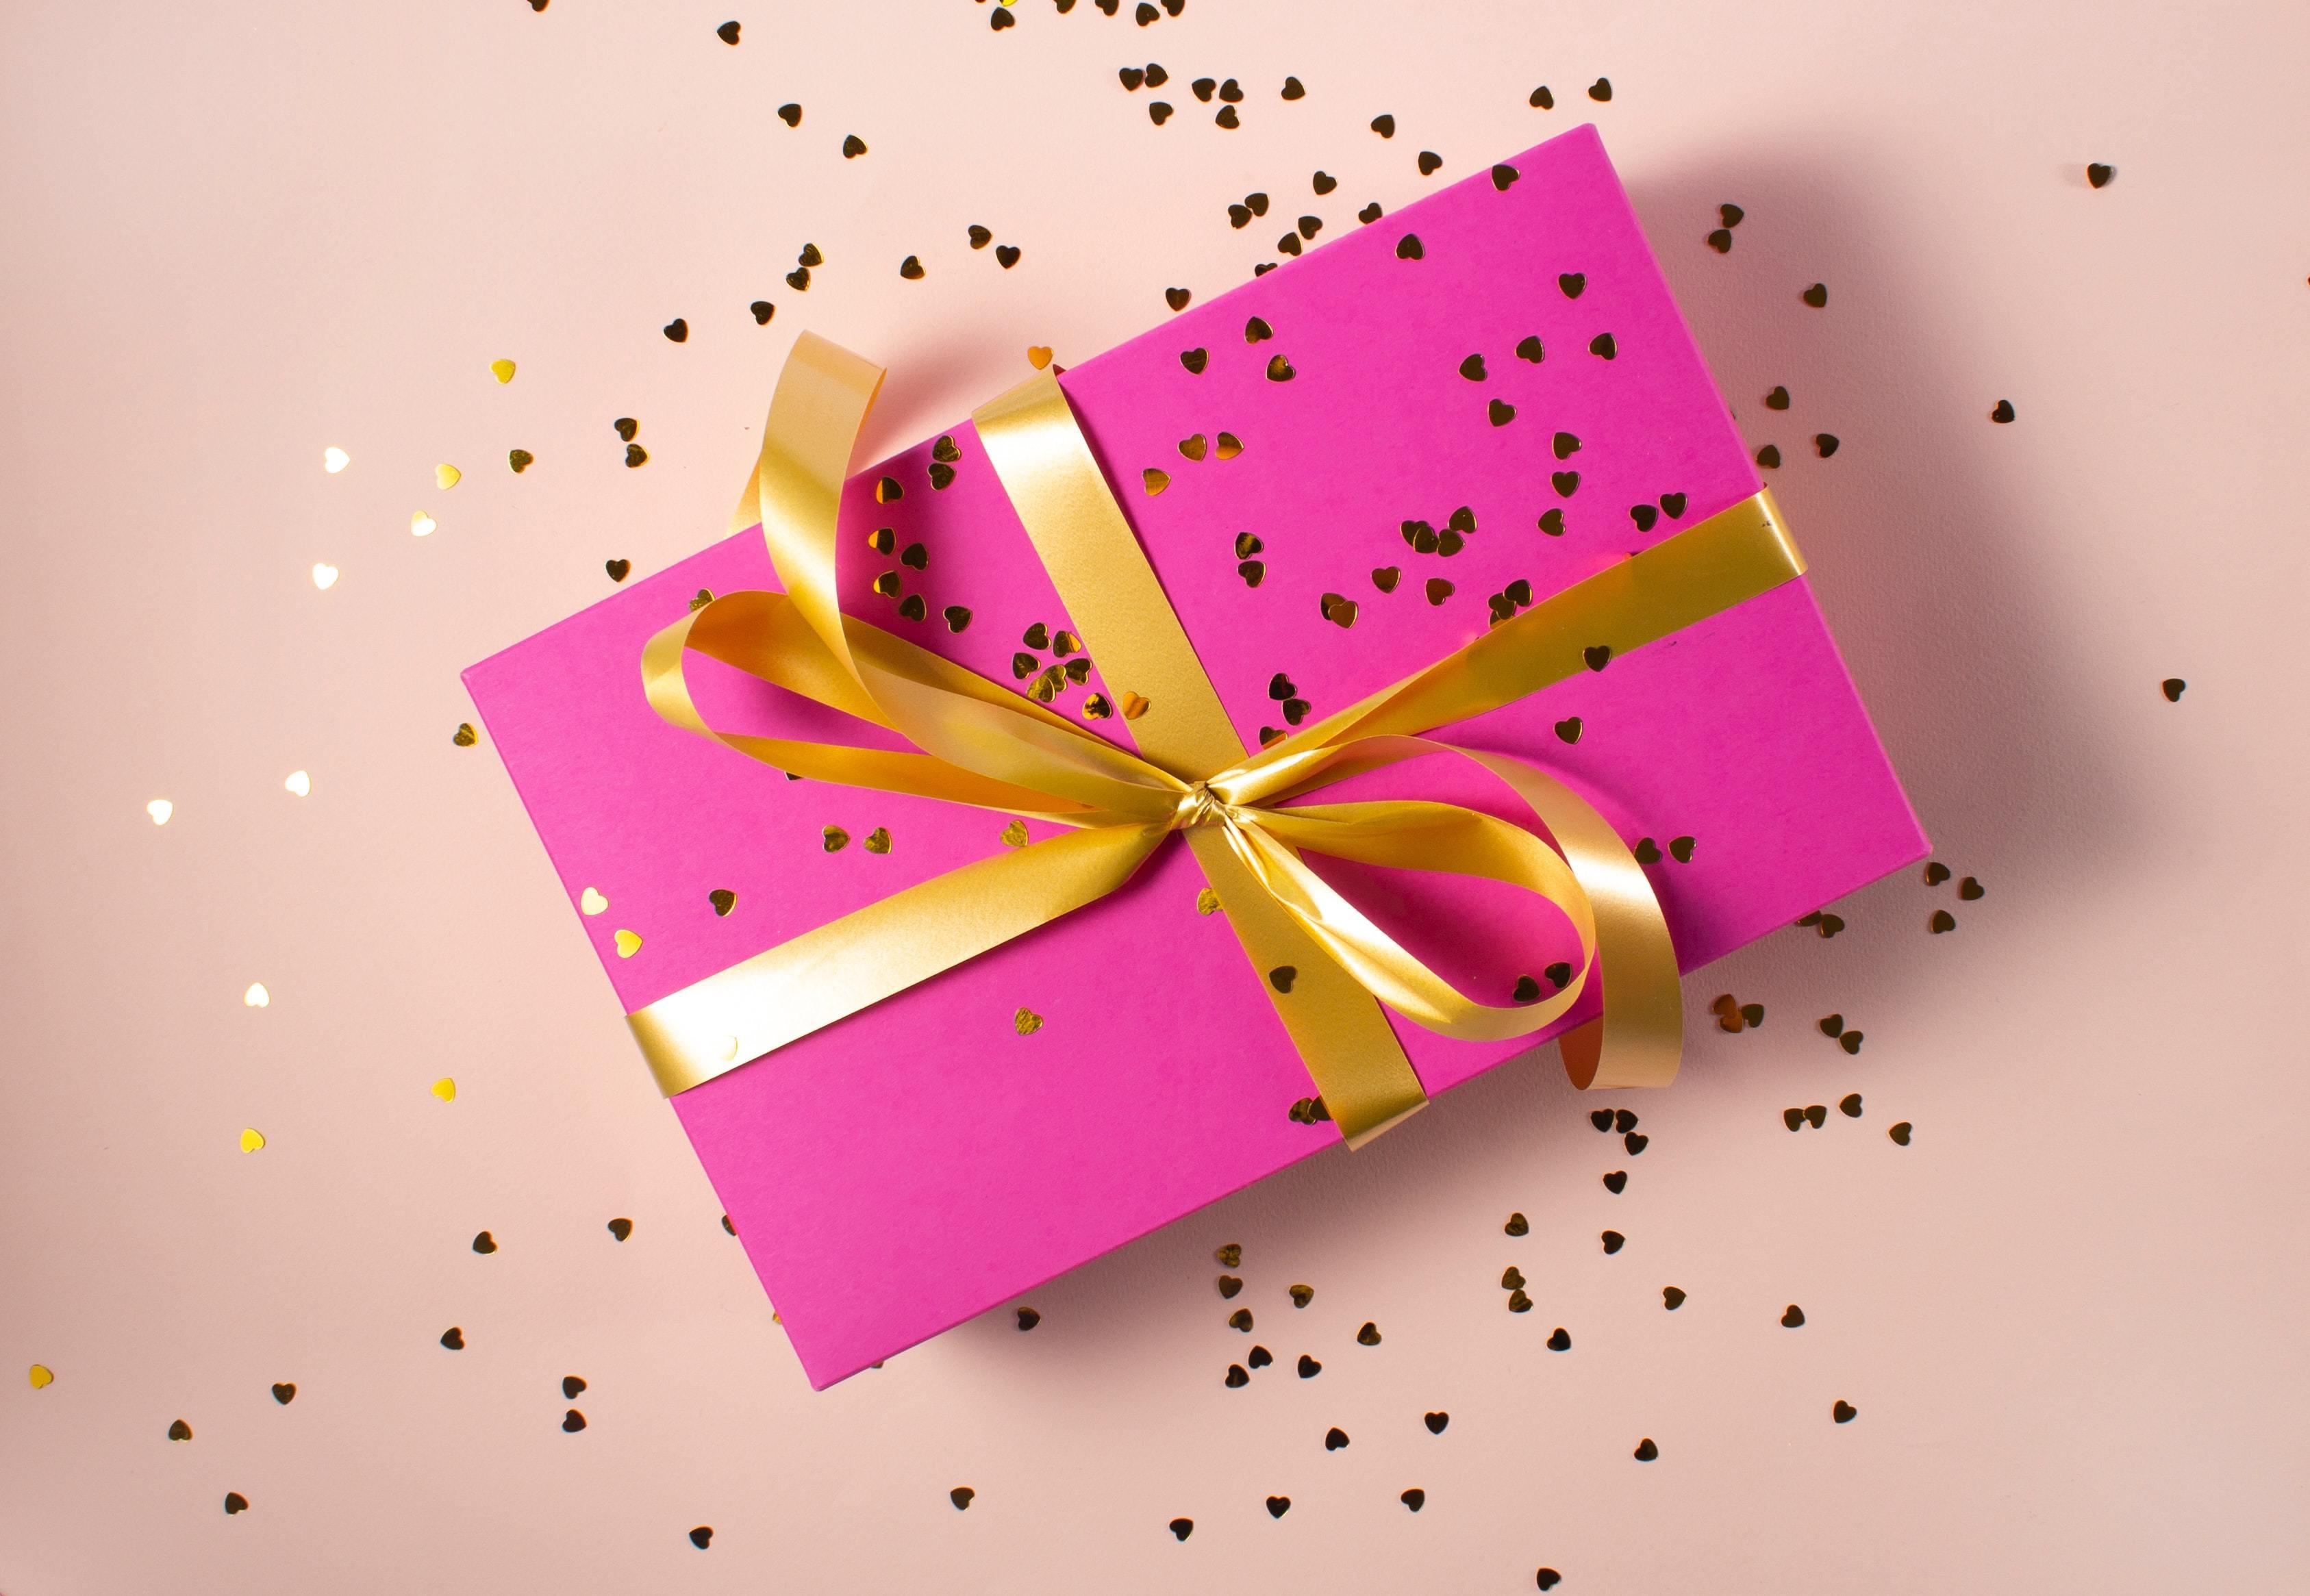 リボンのかかったピンクの箱